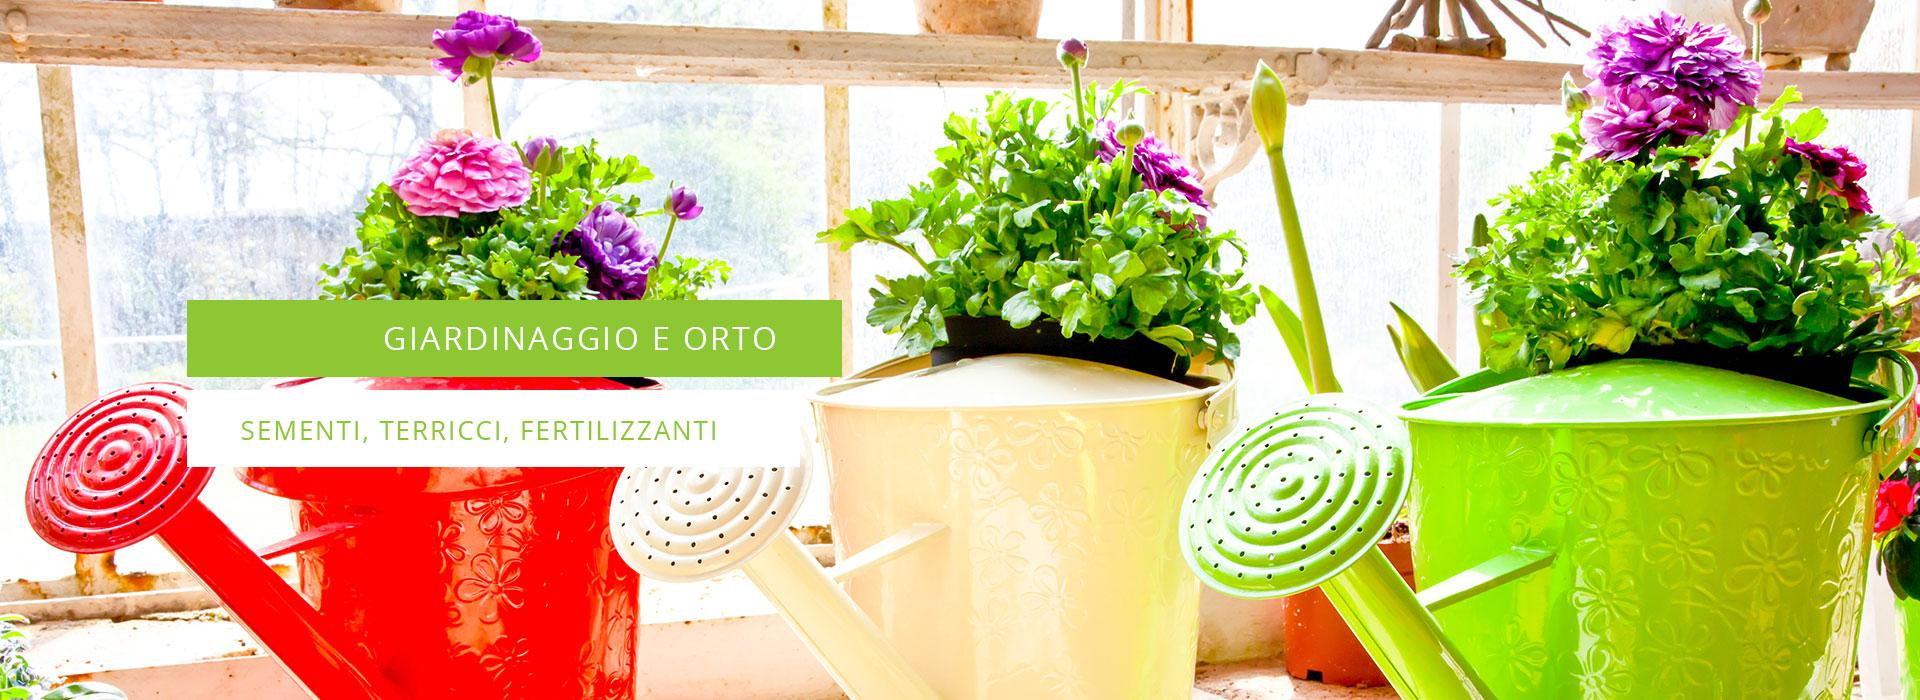 Fornitura prodotti per orto e giardinaggio lonato del for Prodotti per giardinaggio